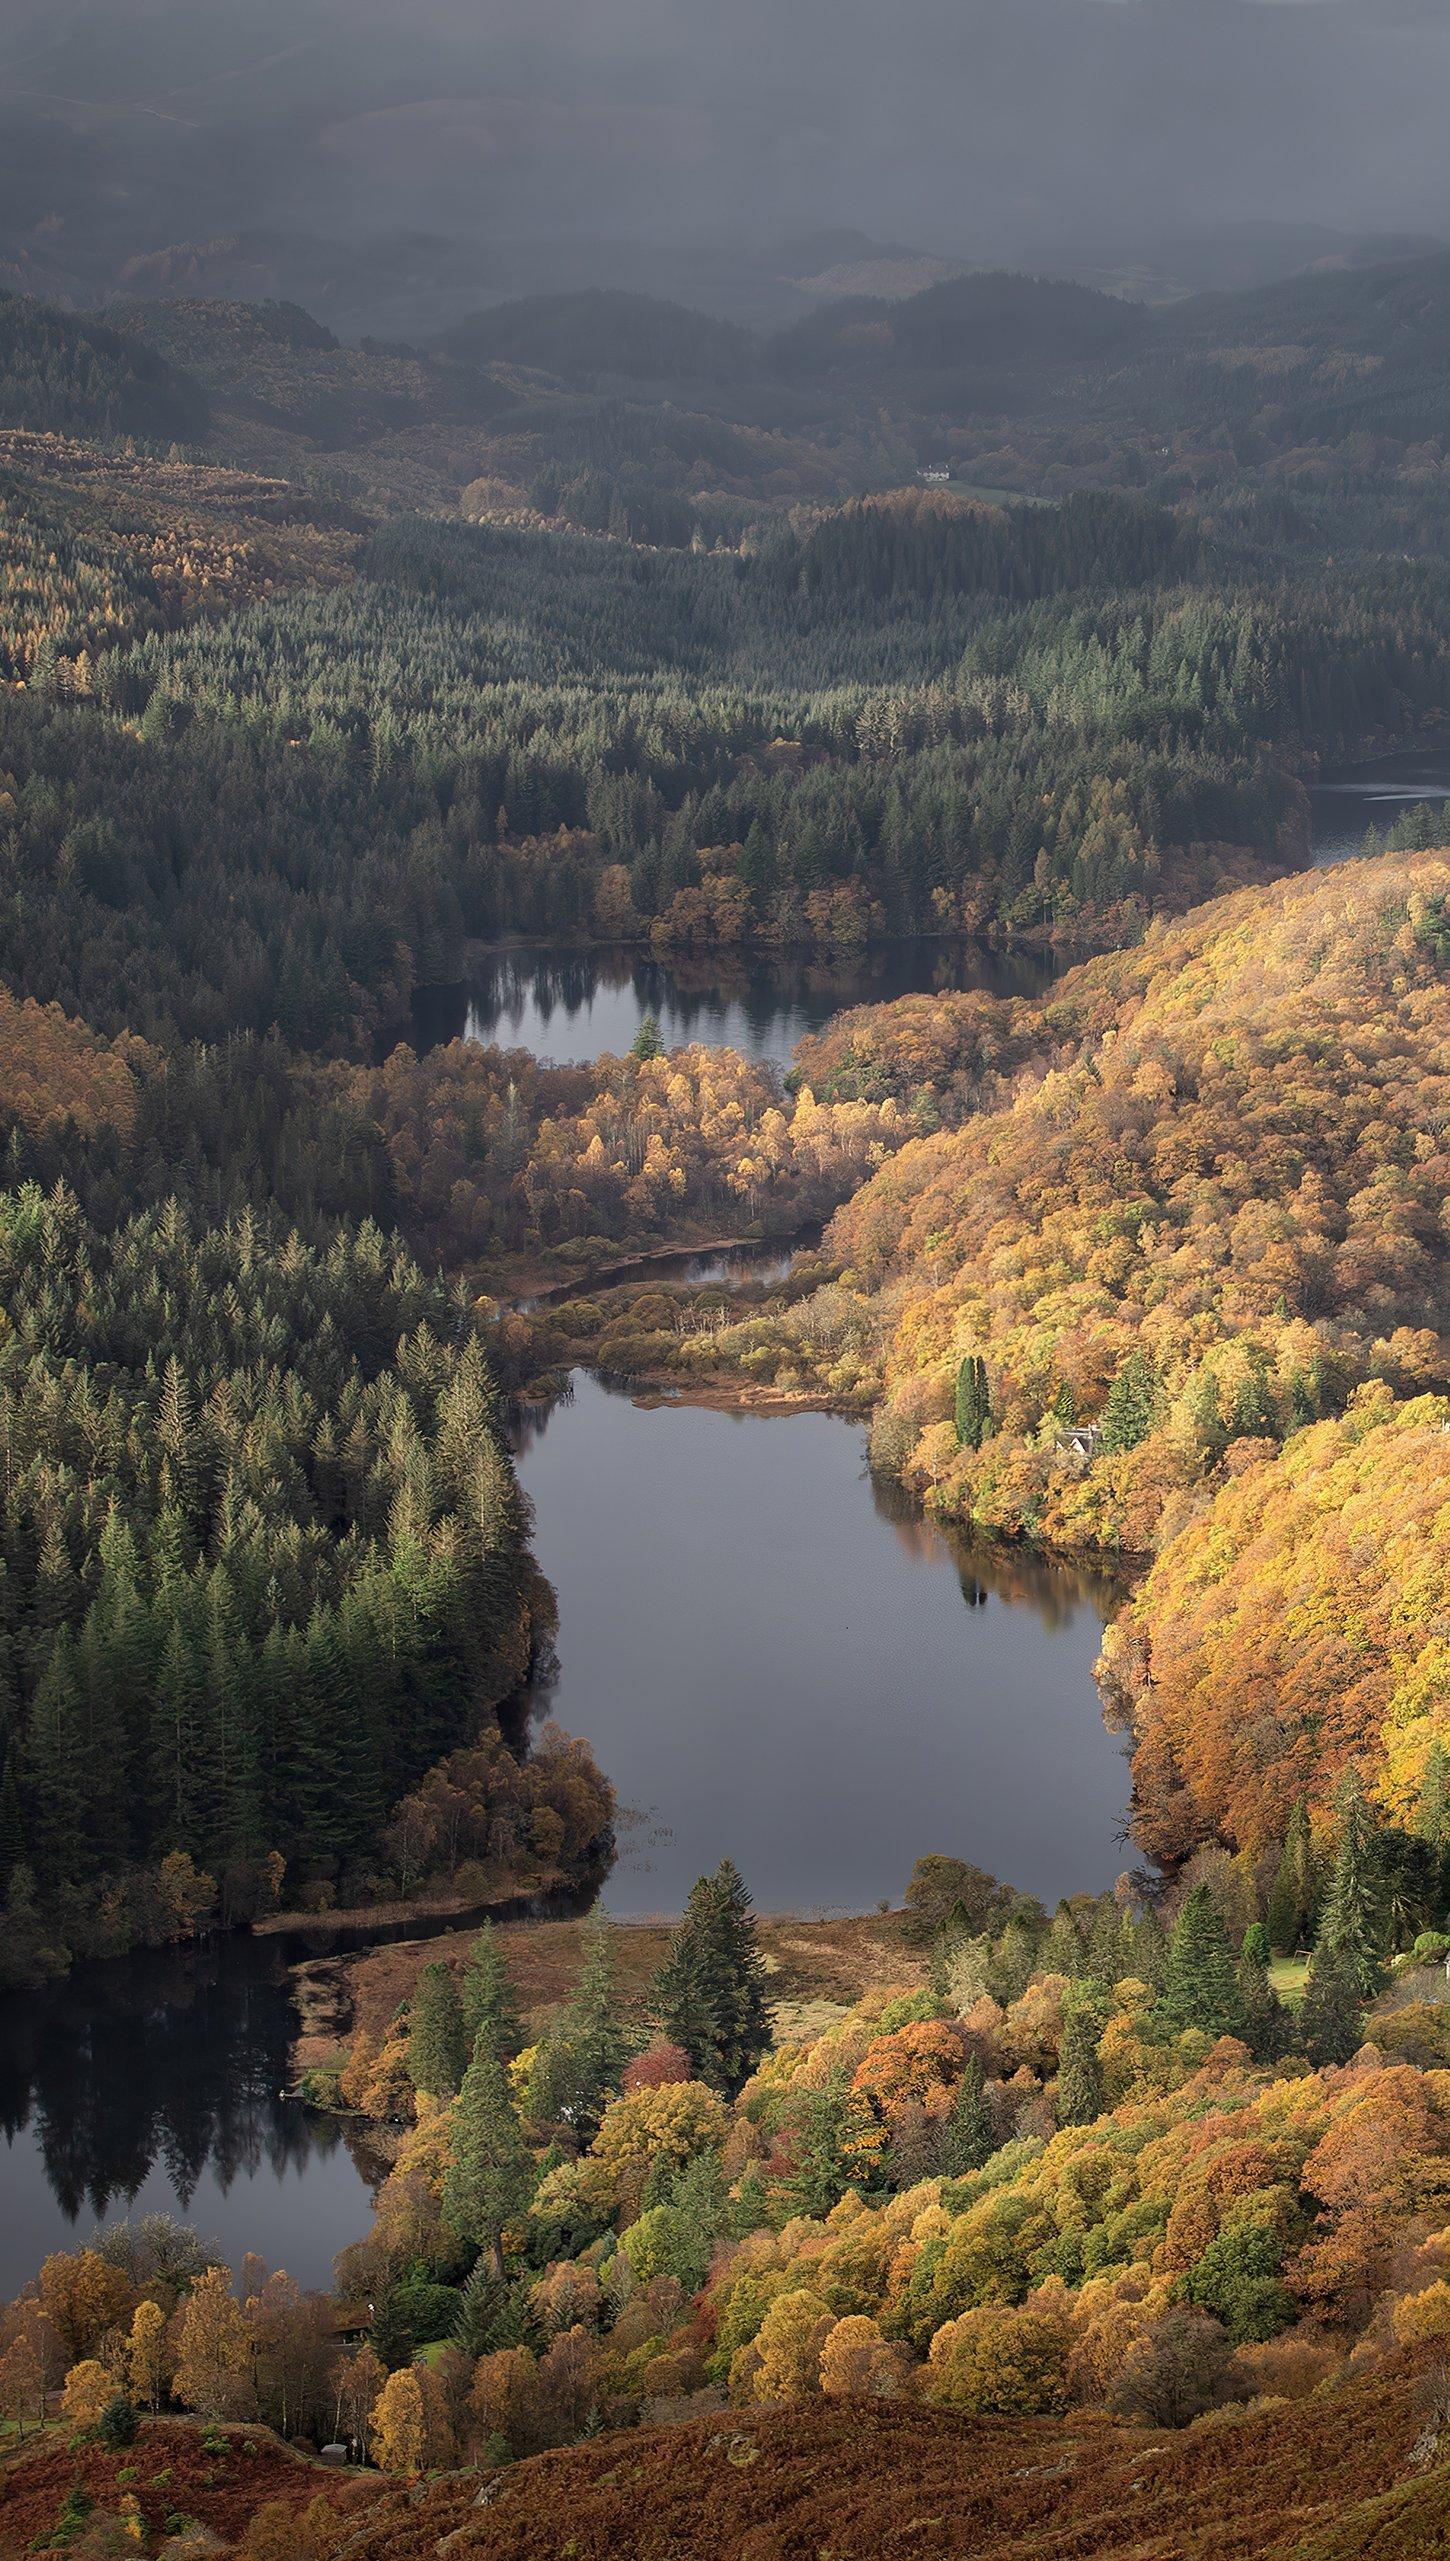 Fondos de pantalla Lago en el bosque Vertical